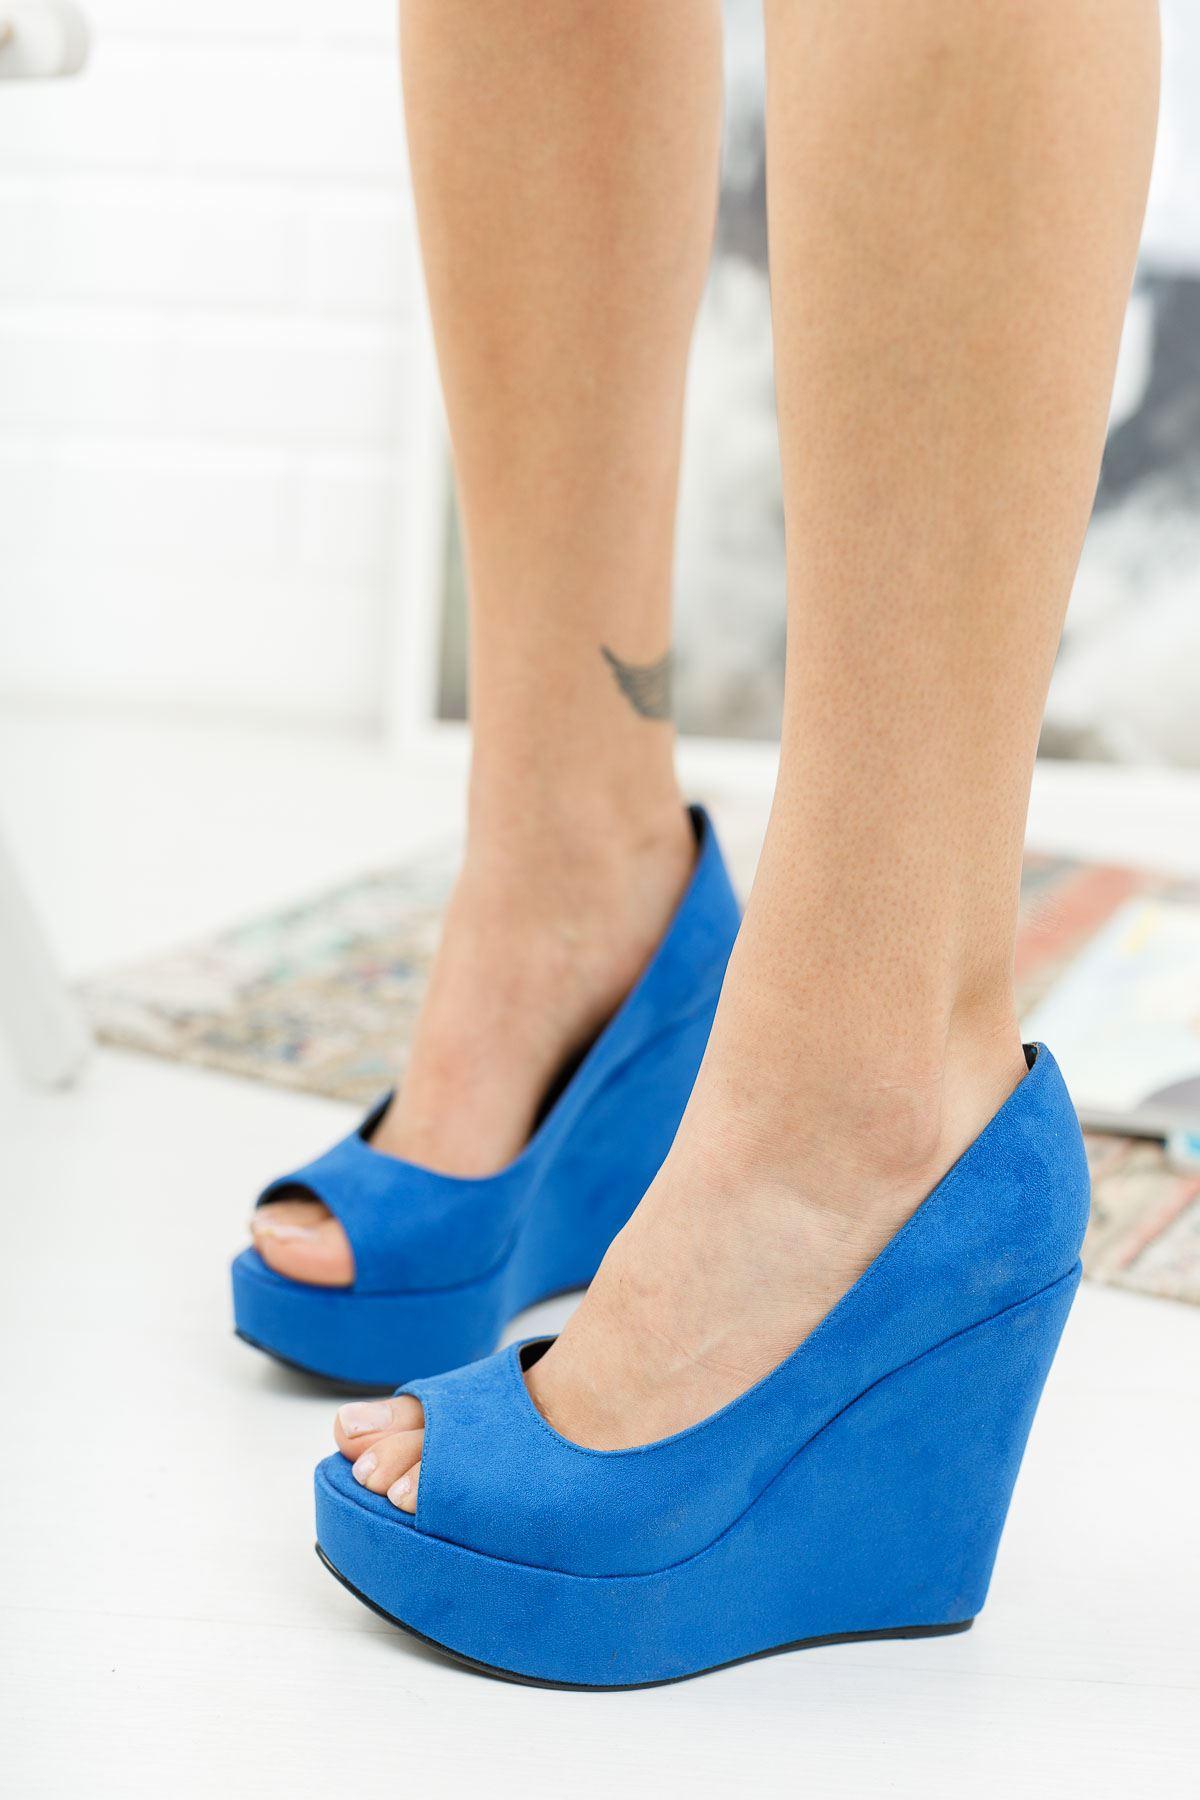 Marvel Sax Mavi Süet Dolgu Topuklu Ayakkabı